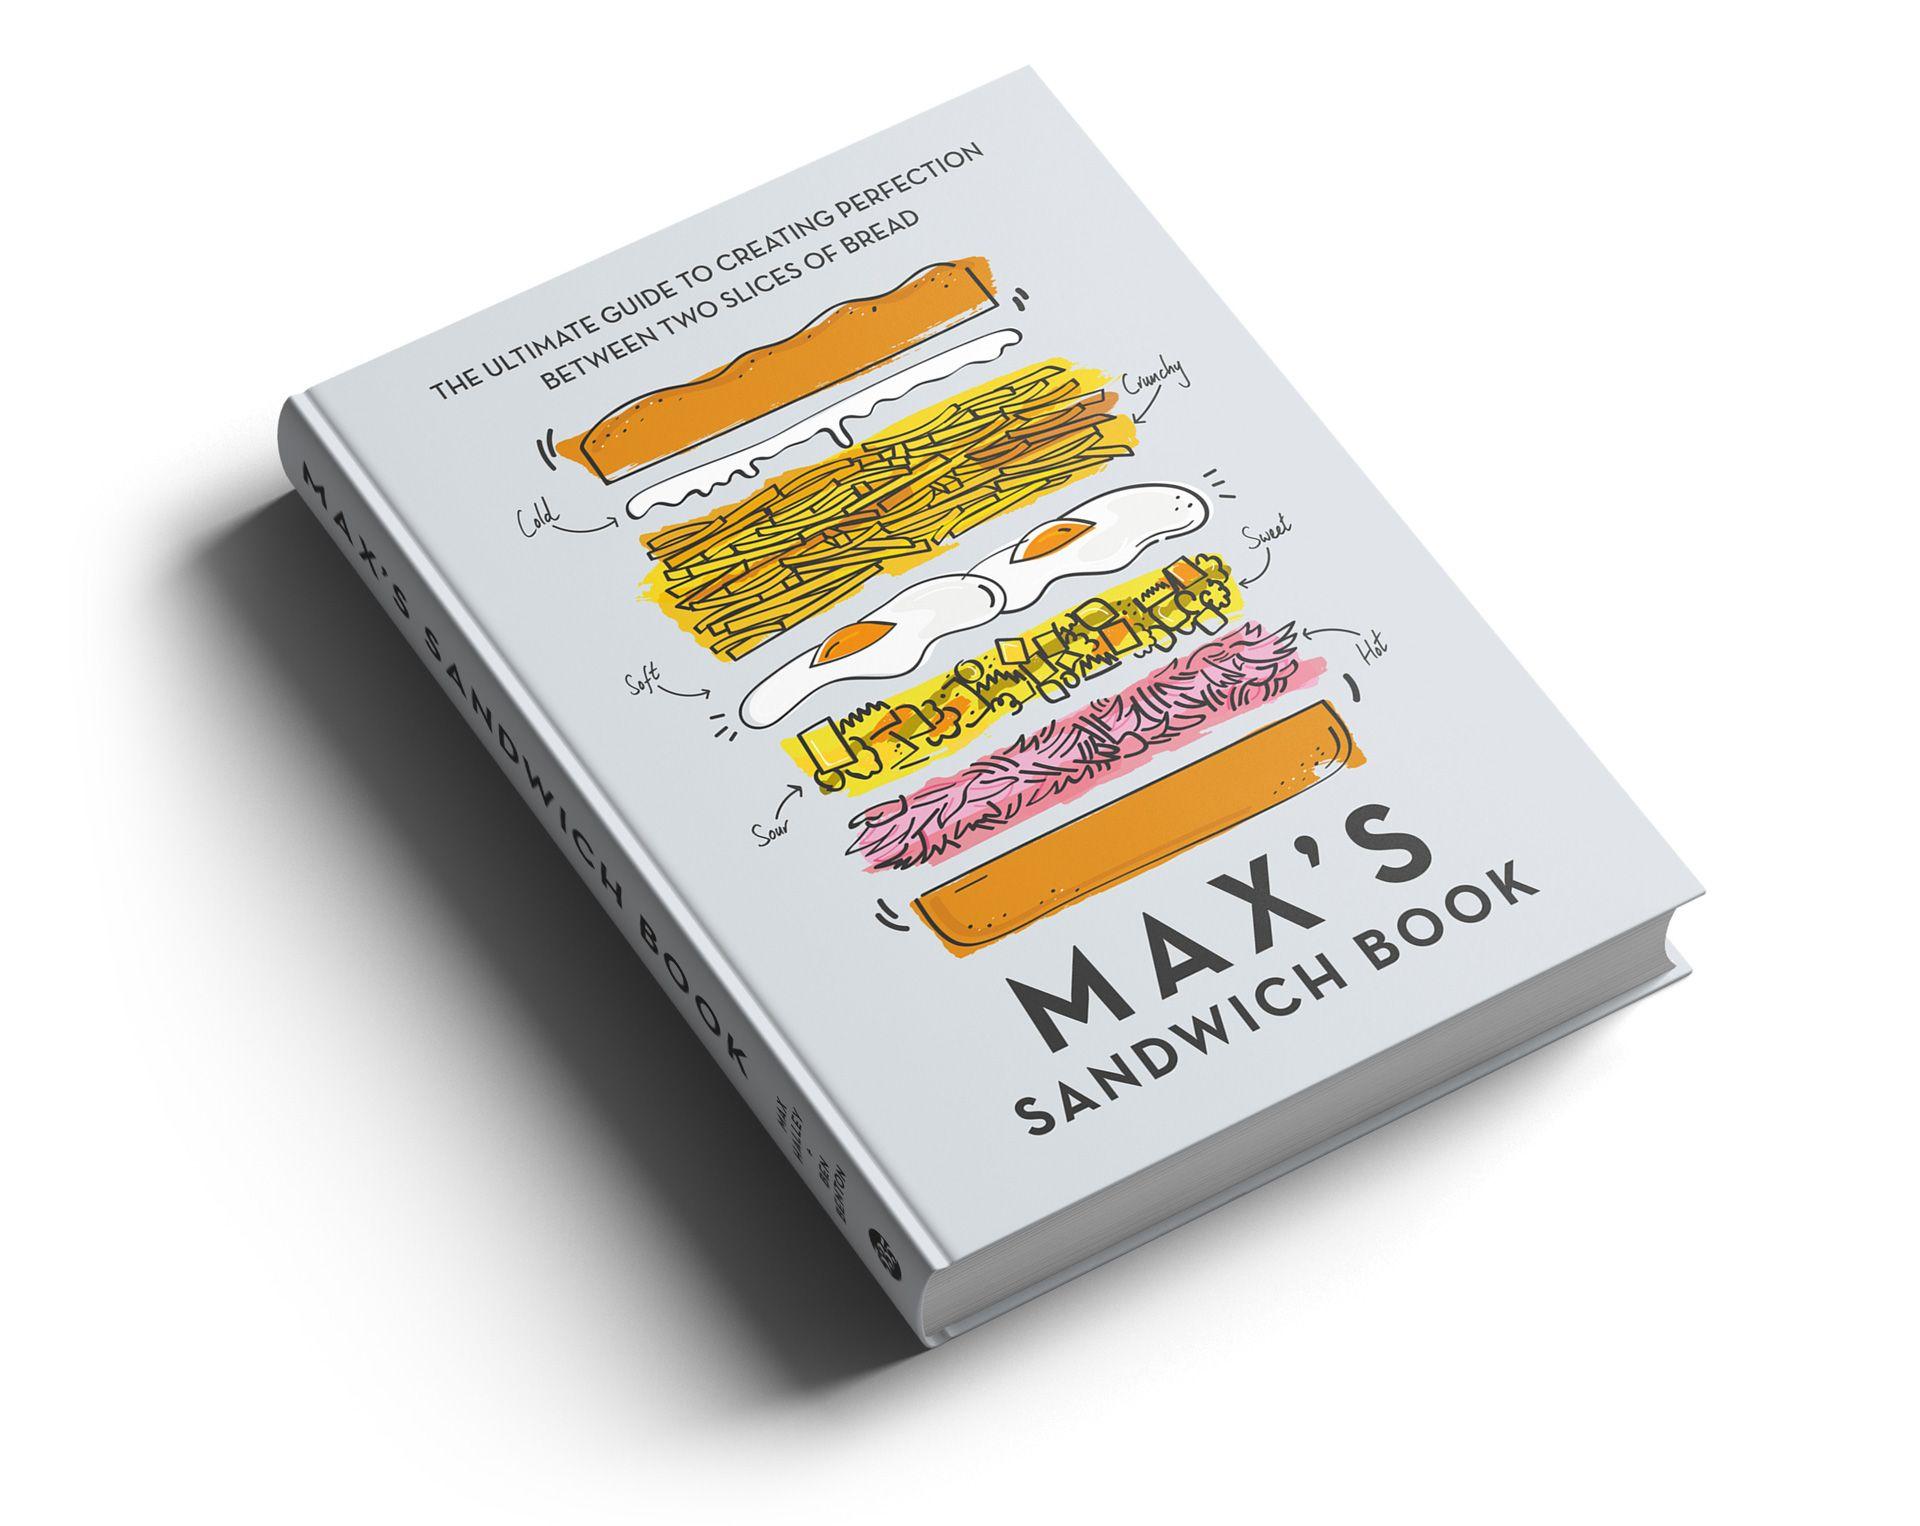 Max's Sandwich Shop Slice of bread, Books, Sandwiches